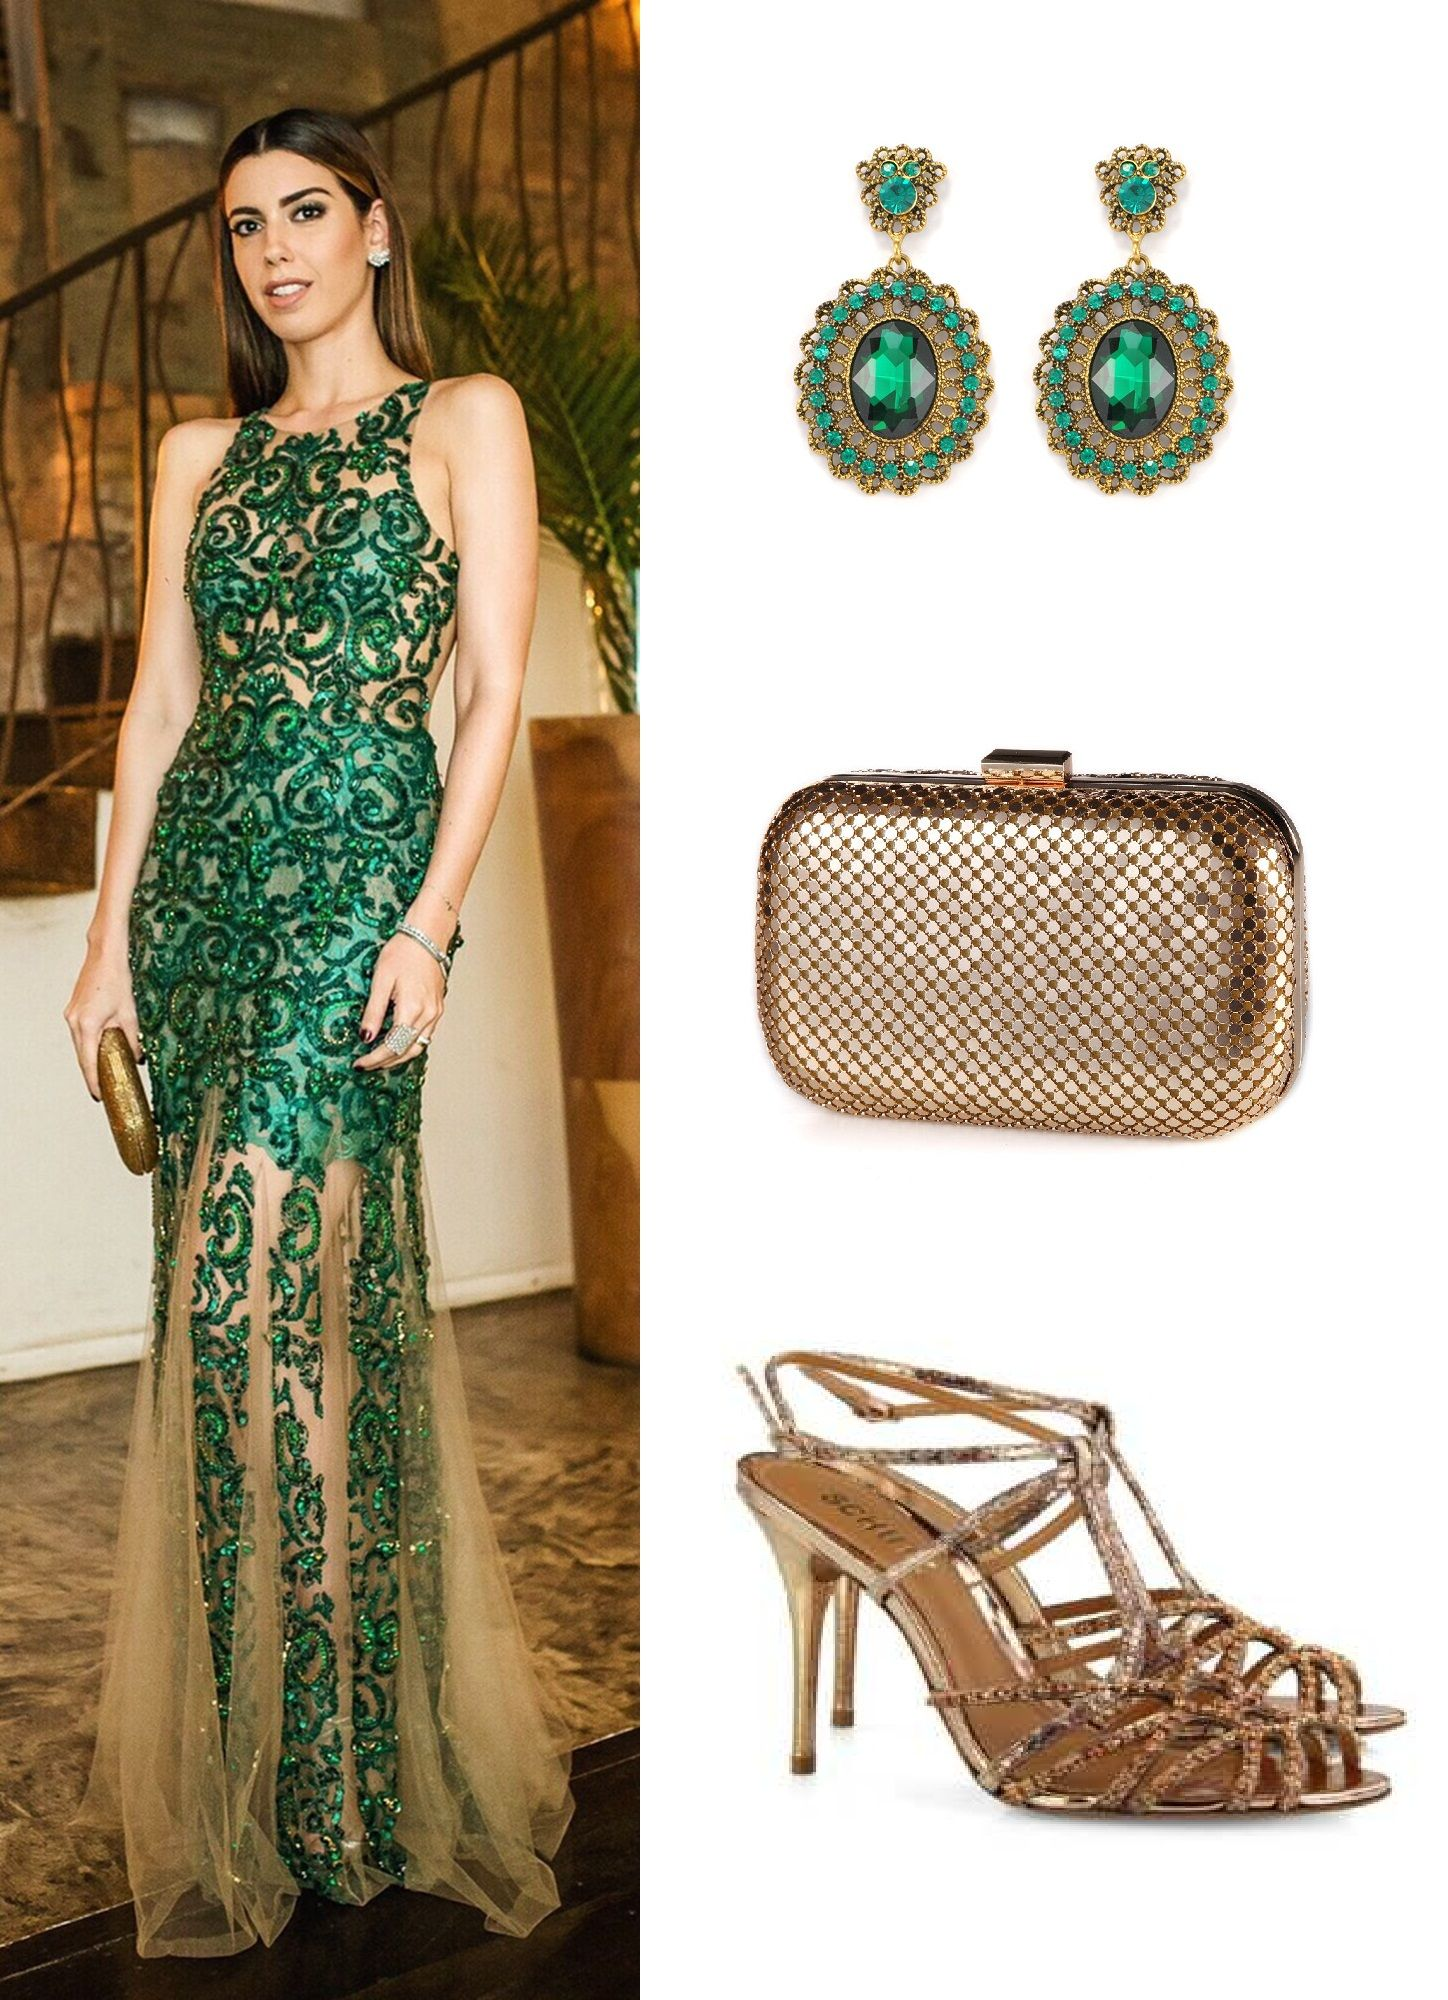 Vestido verde tiffany sapato